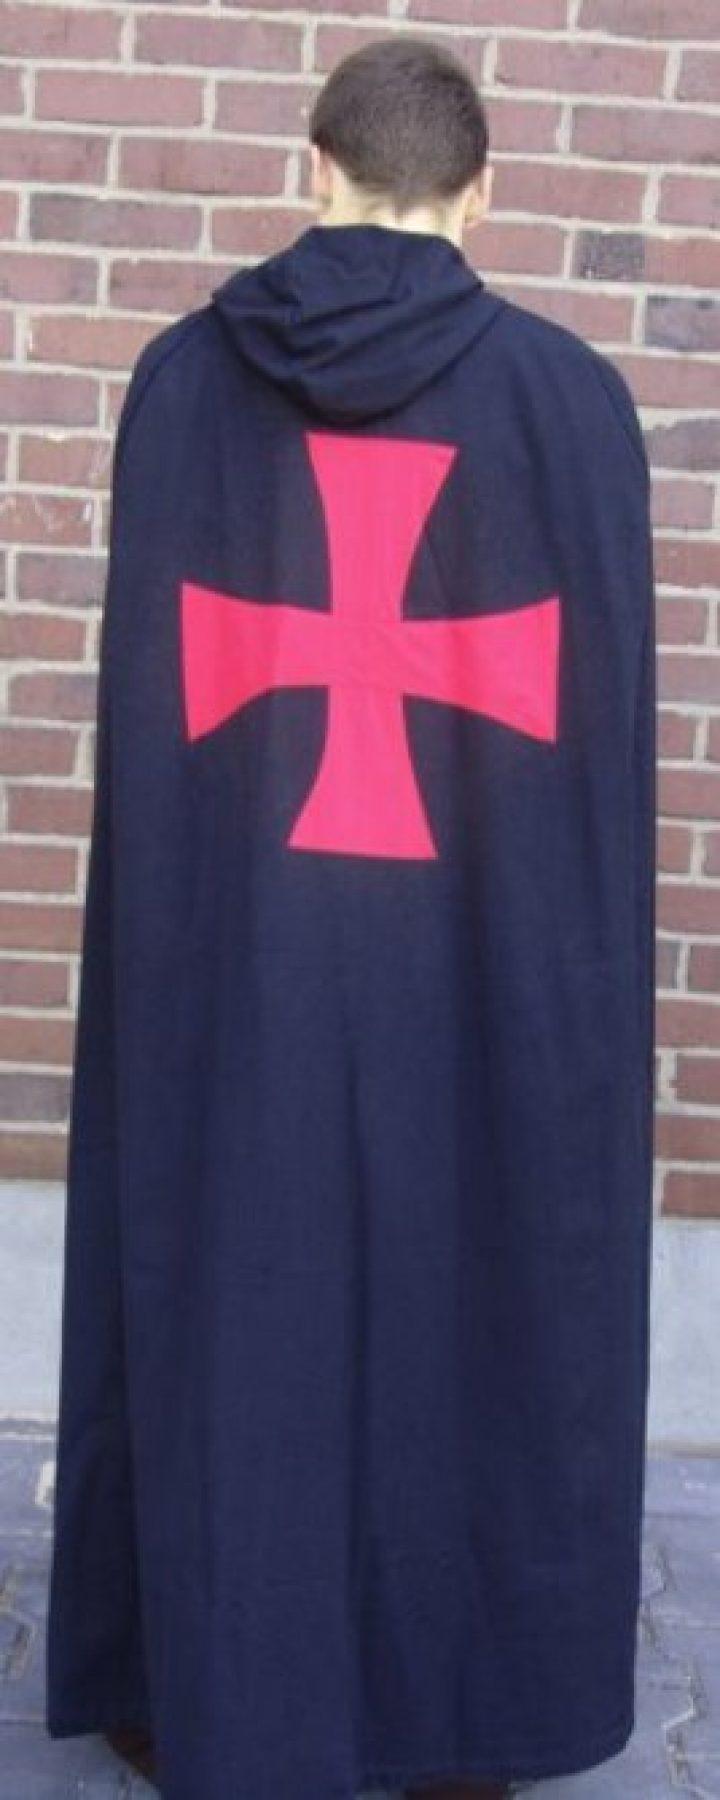 Umhang der Tempelritter in Schwartz mit Rotes Kreuz aus Baumwolle